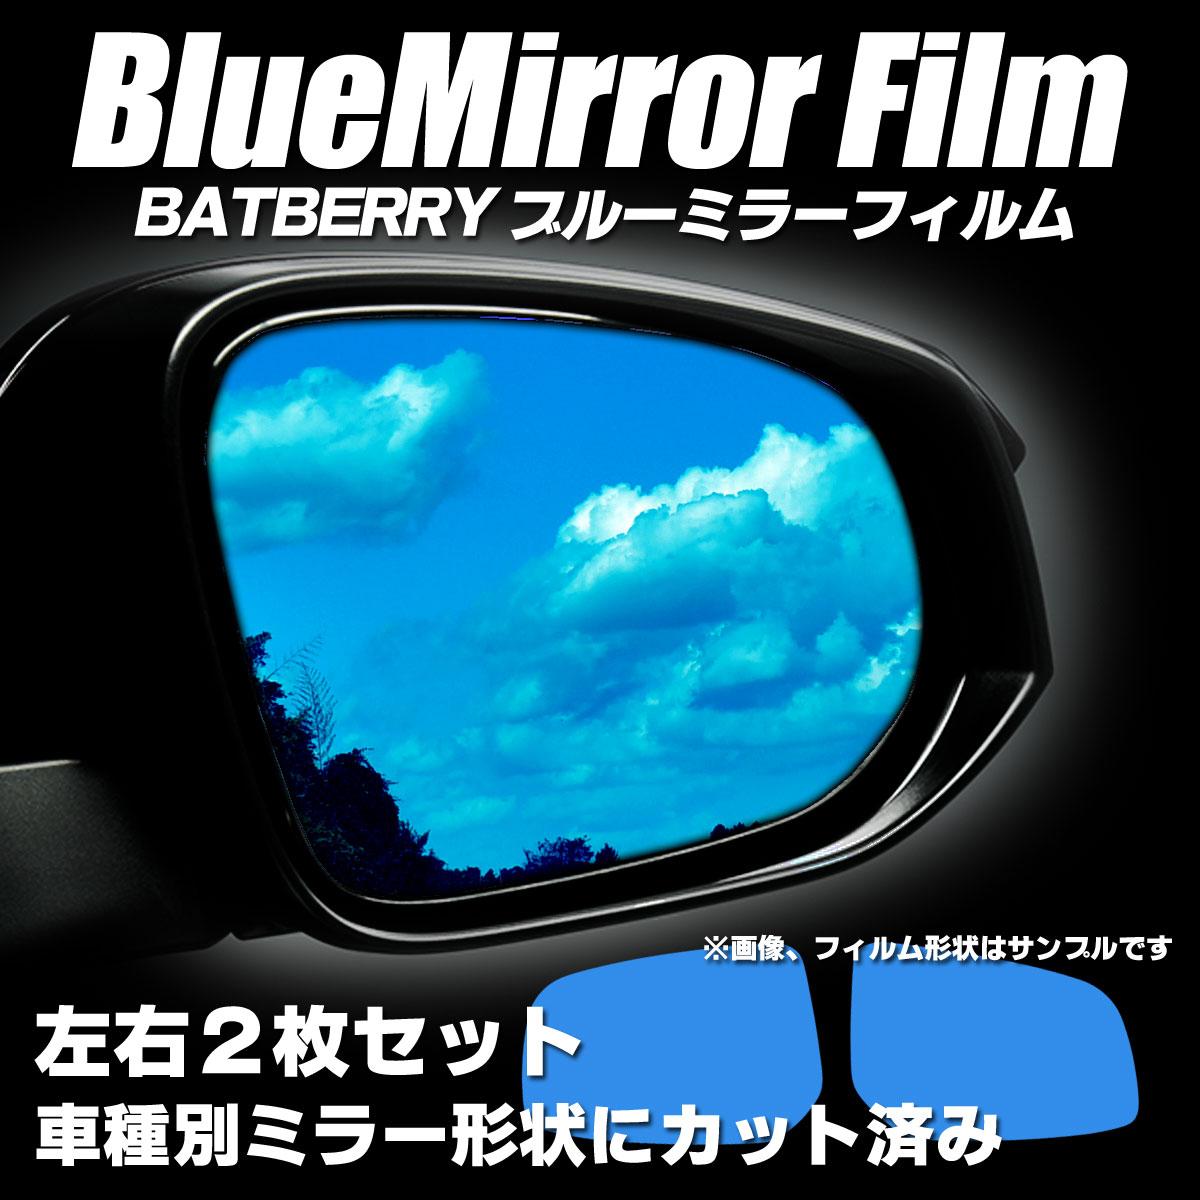 BATBERRYブルーミラーフィルム スズキ イグニス FF21S用 左右セット【bmf-SZ02】【ポイント消化】